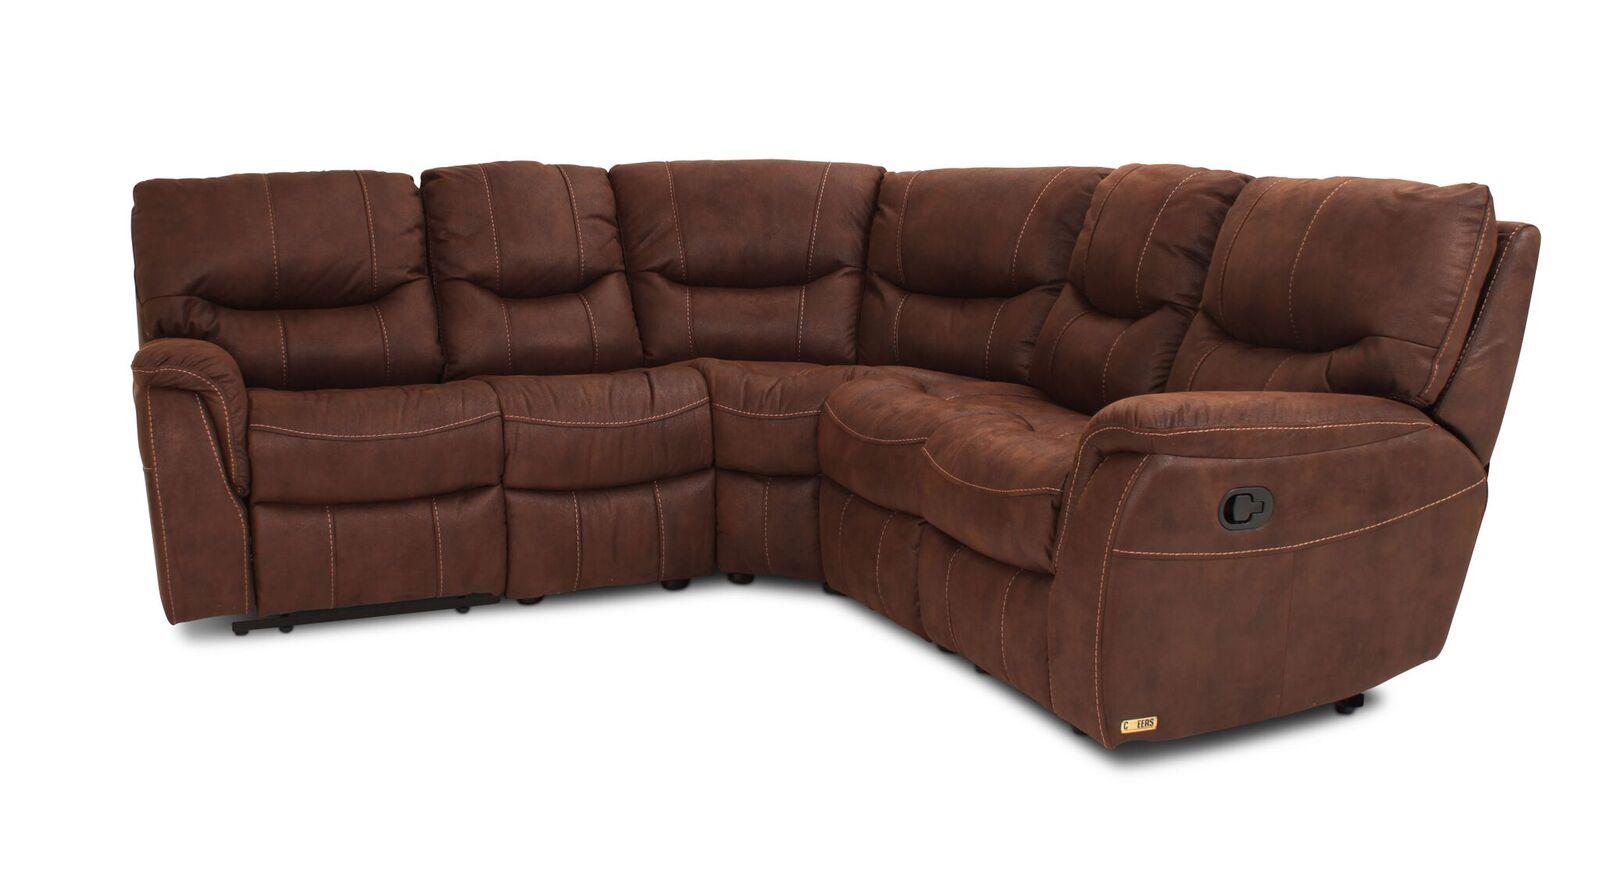 Billede af Colorado sofa - Brun